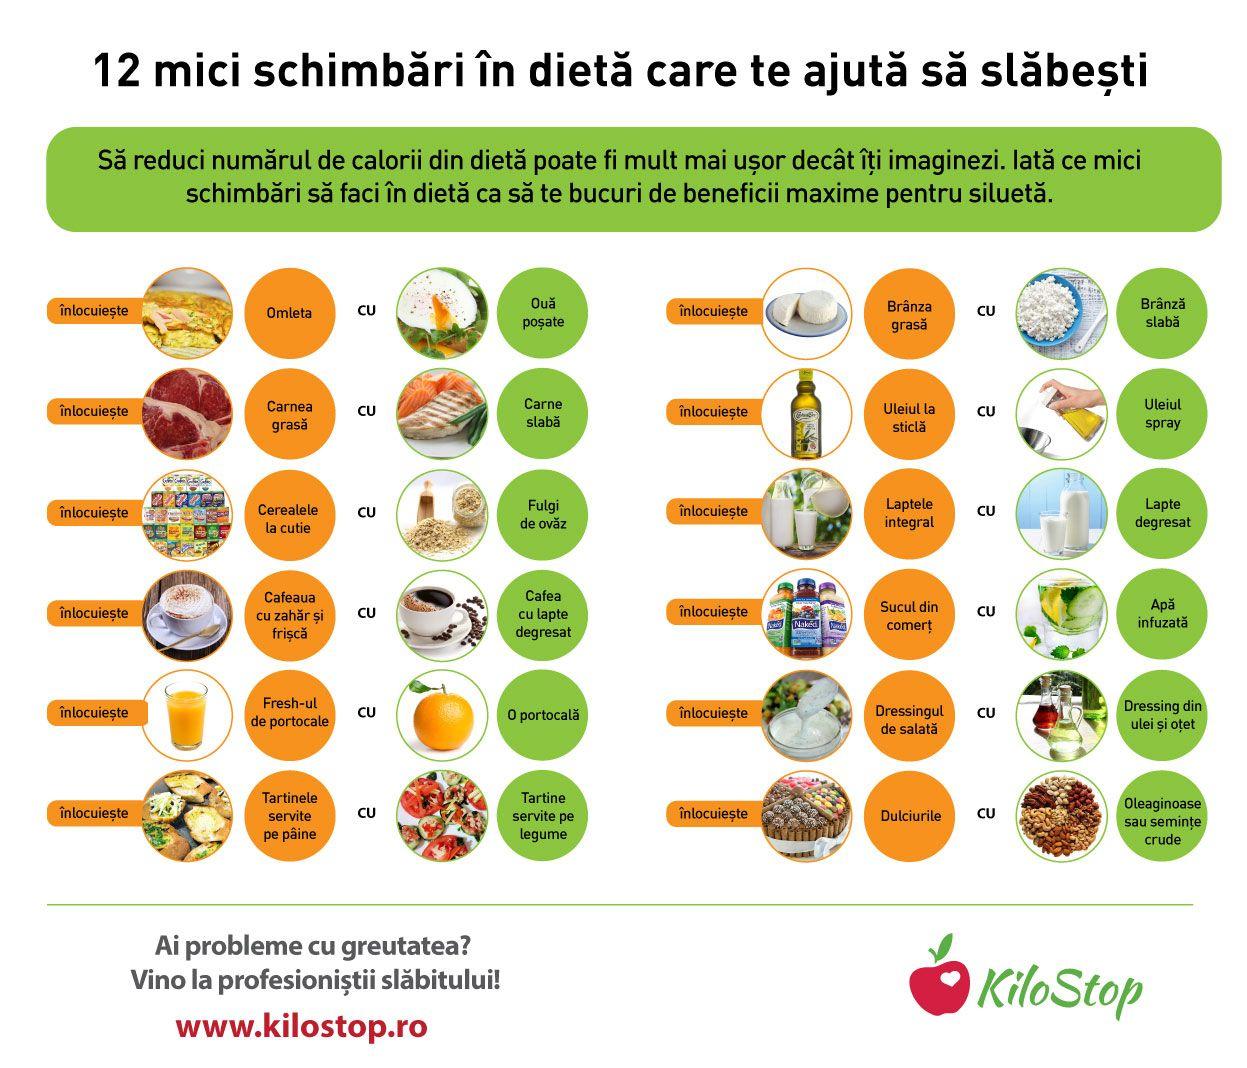 îmbunătățiți metabolismul după pierderea în greutate